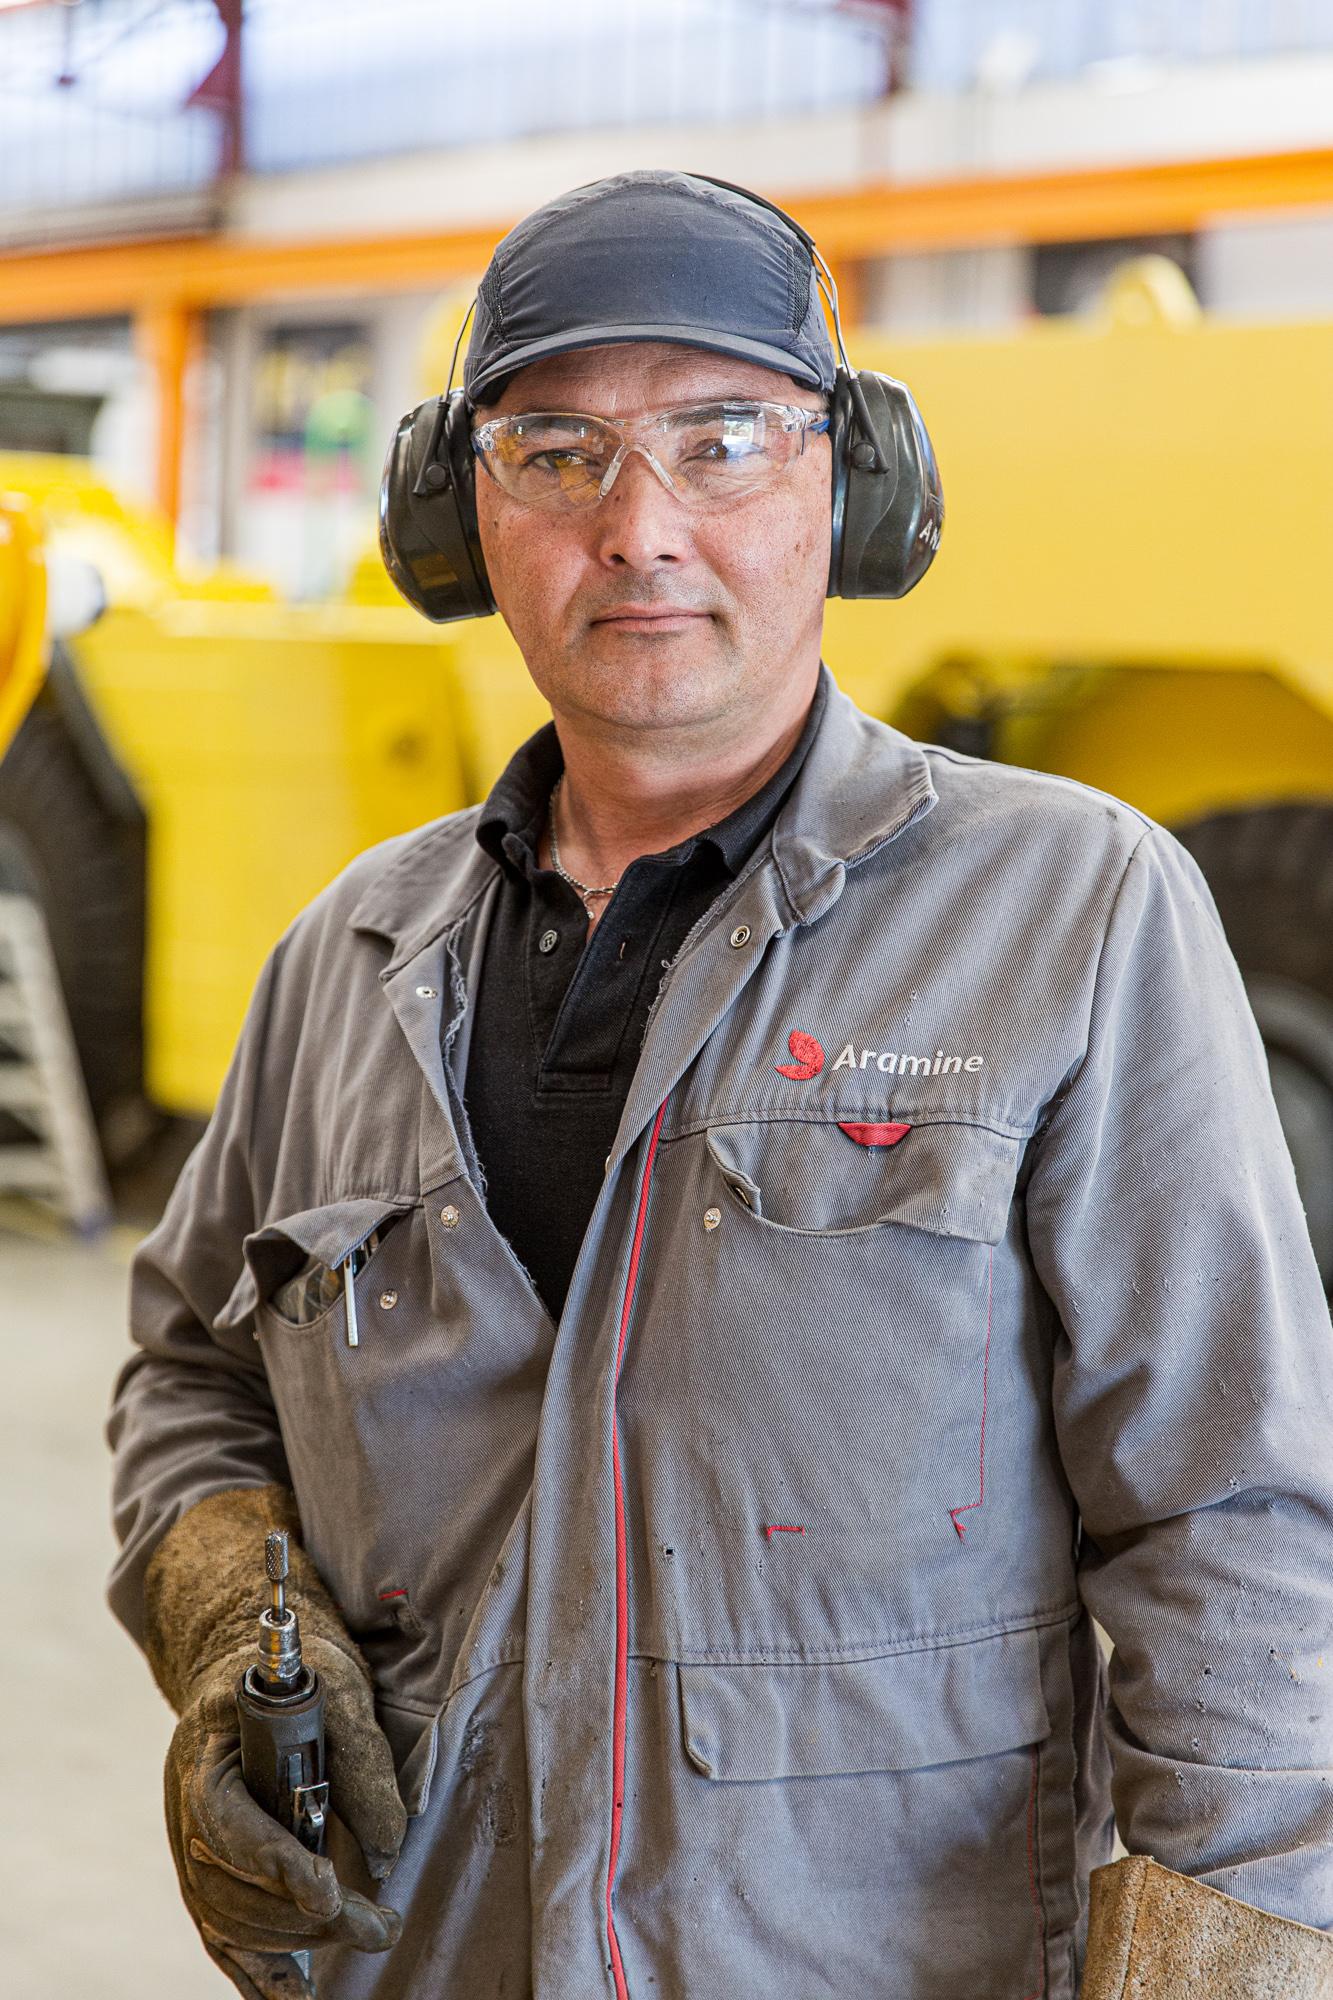 Mise en avant des techniciens et employés de l'entreprise à travers une série de portraits